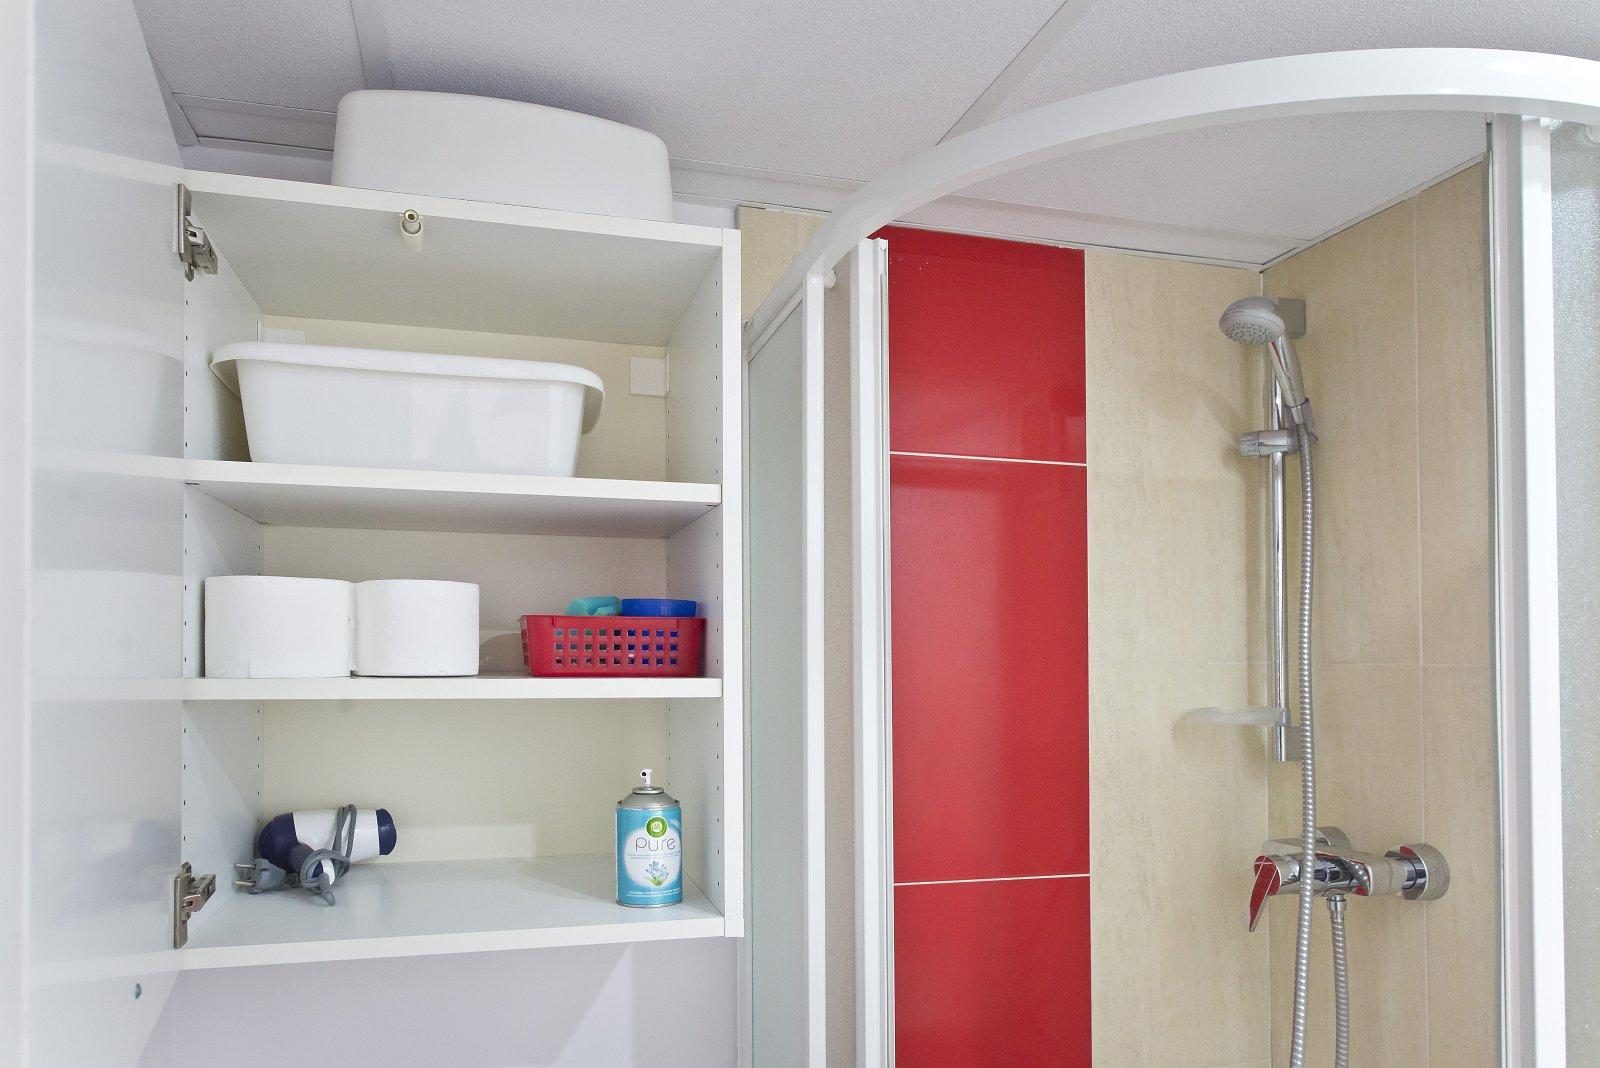 mieszkanie-wynajem-gdansk-ow6-03-01web